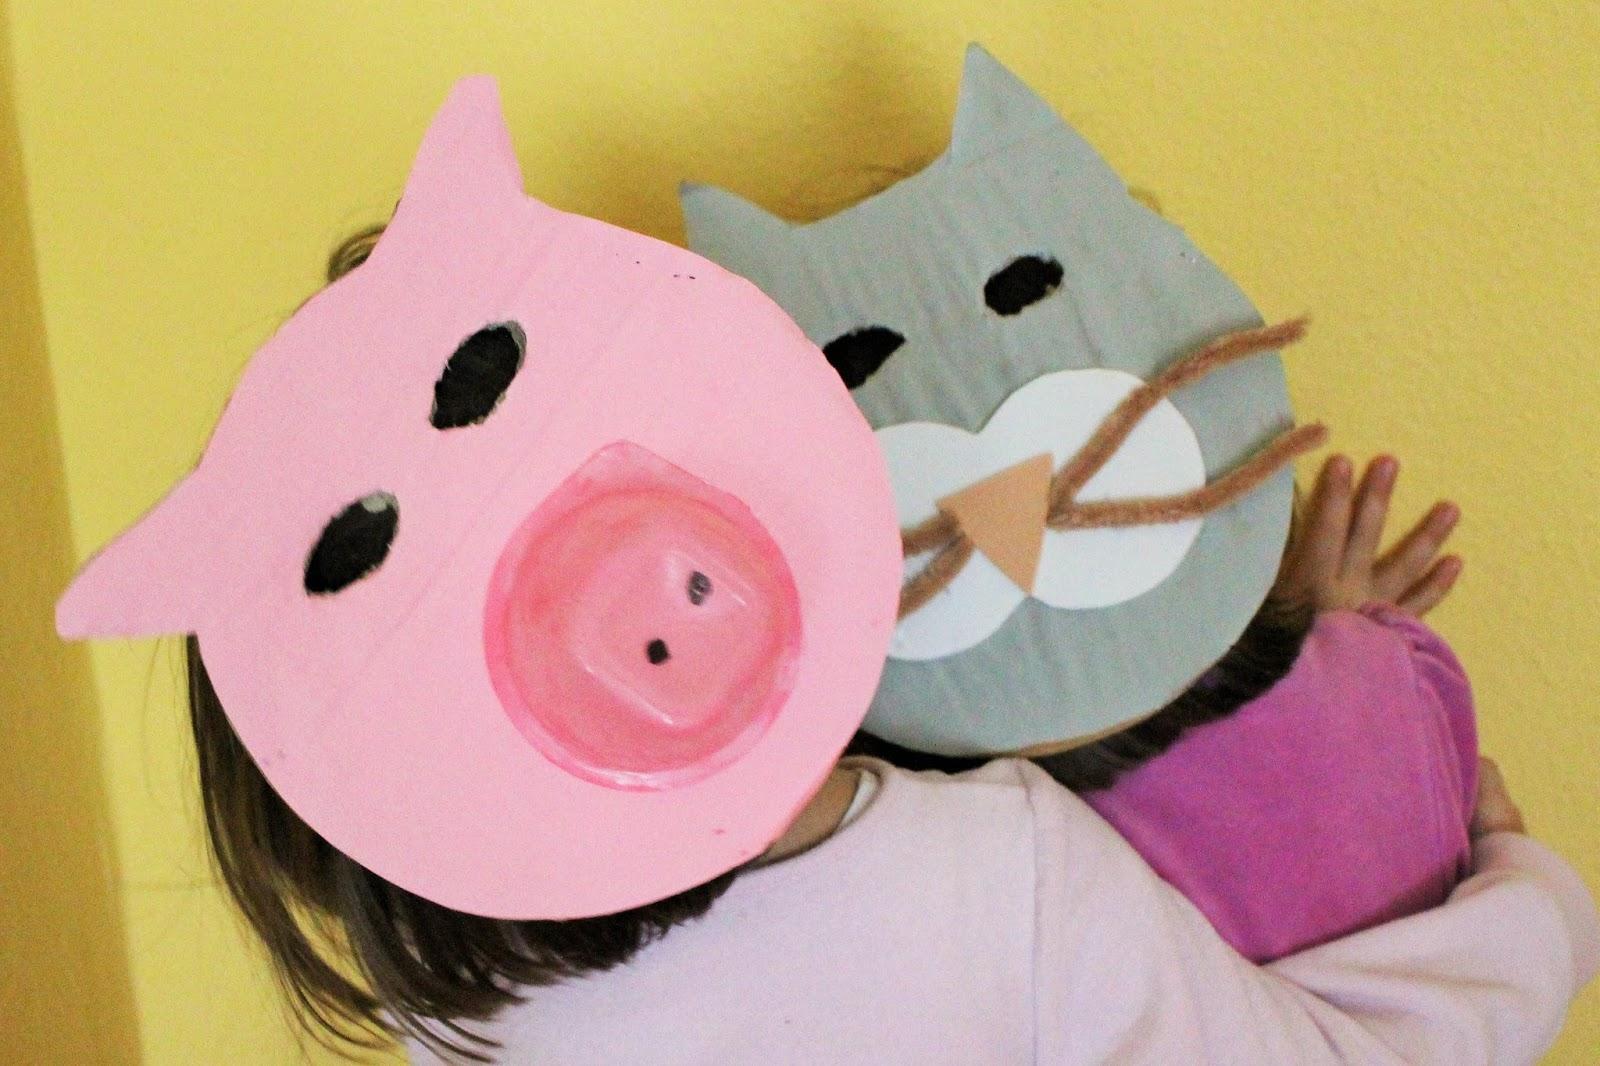 Mamma gioca maschera da maialino e maschera da gatto for Maialino disegno per bambini